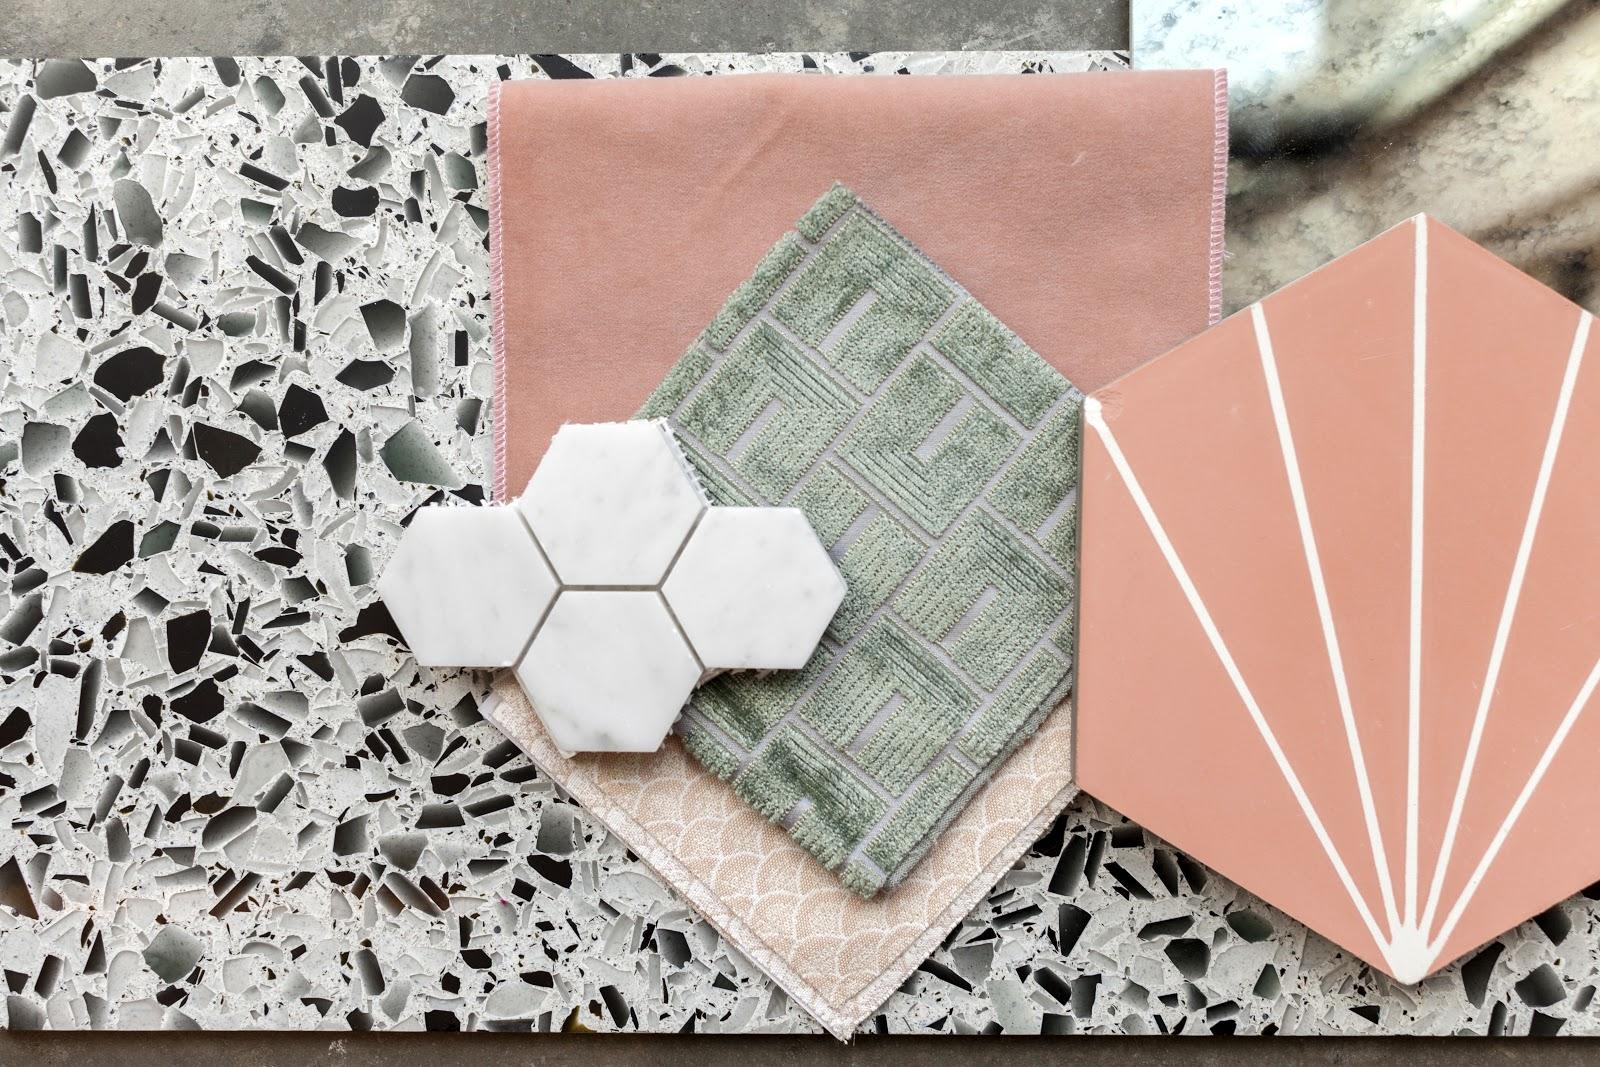 Flat lay created designer Laura Umansky featuring Classic Black